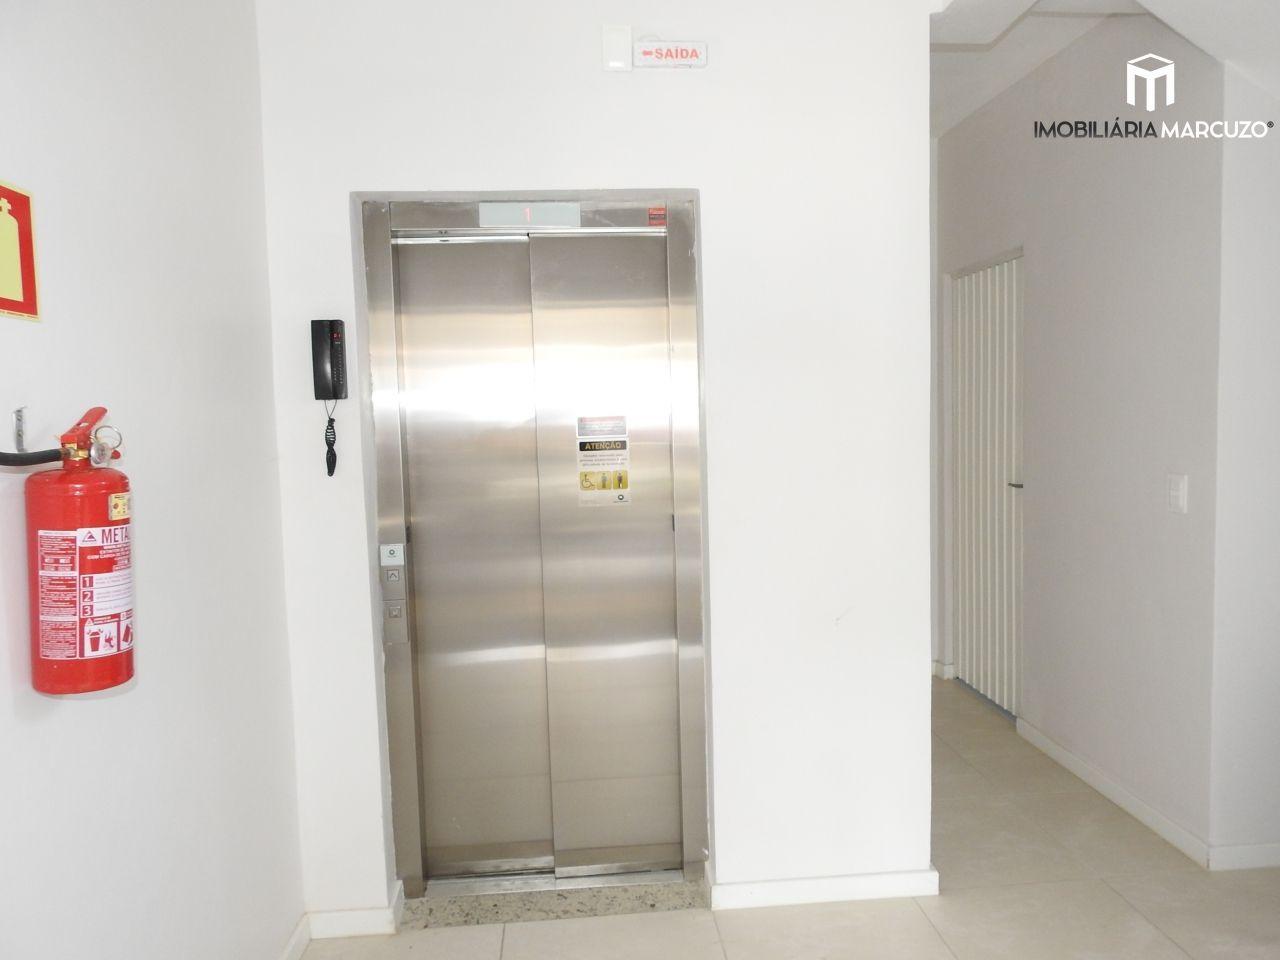 Apartamento com 2 Dormitórios à venda, 61 m² por R$ 280.000,00